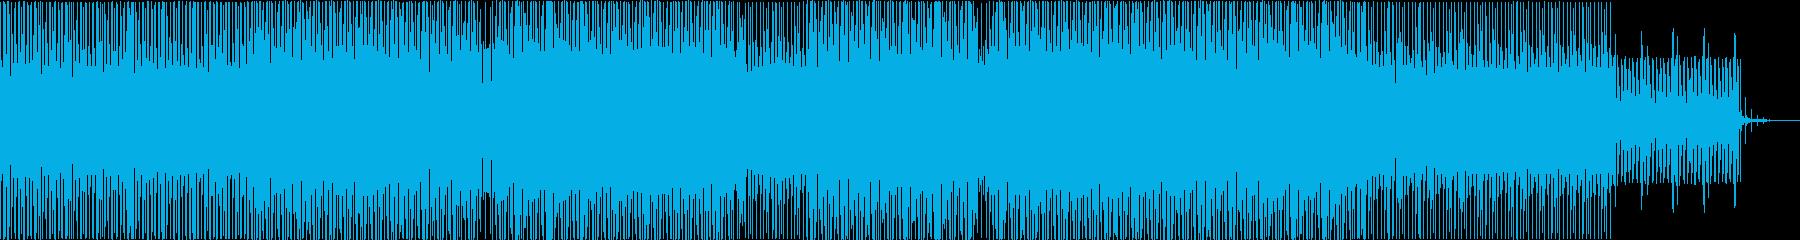 ドローンアンビエントなミニマルハウスの再生済みの波形